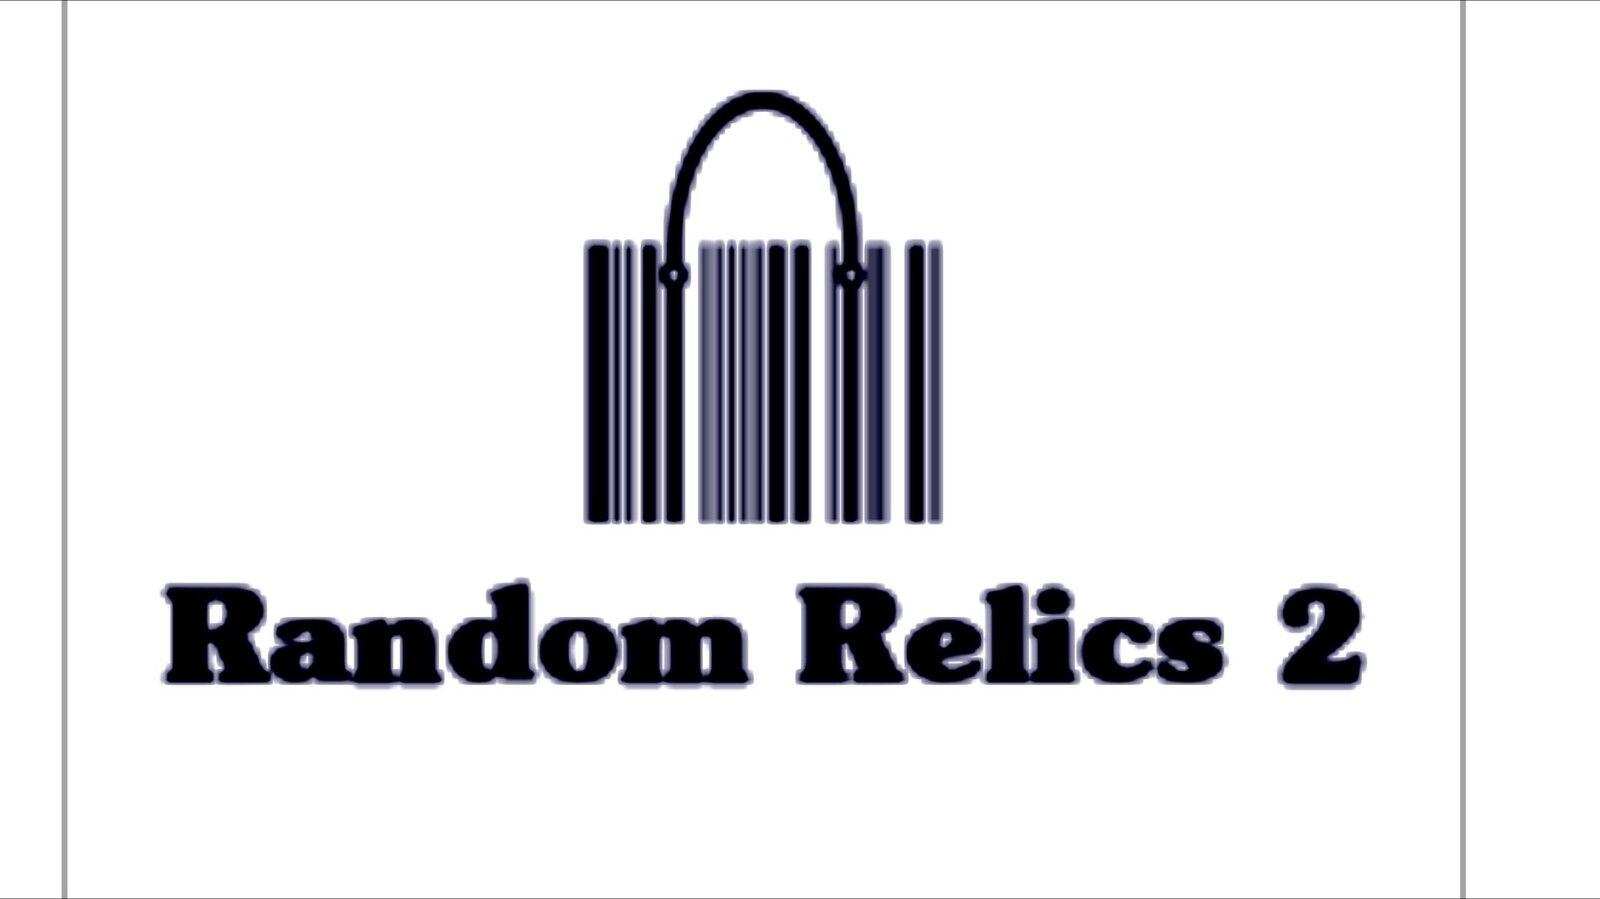 Random Relics 2